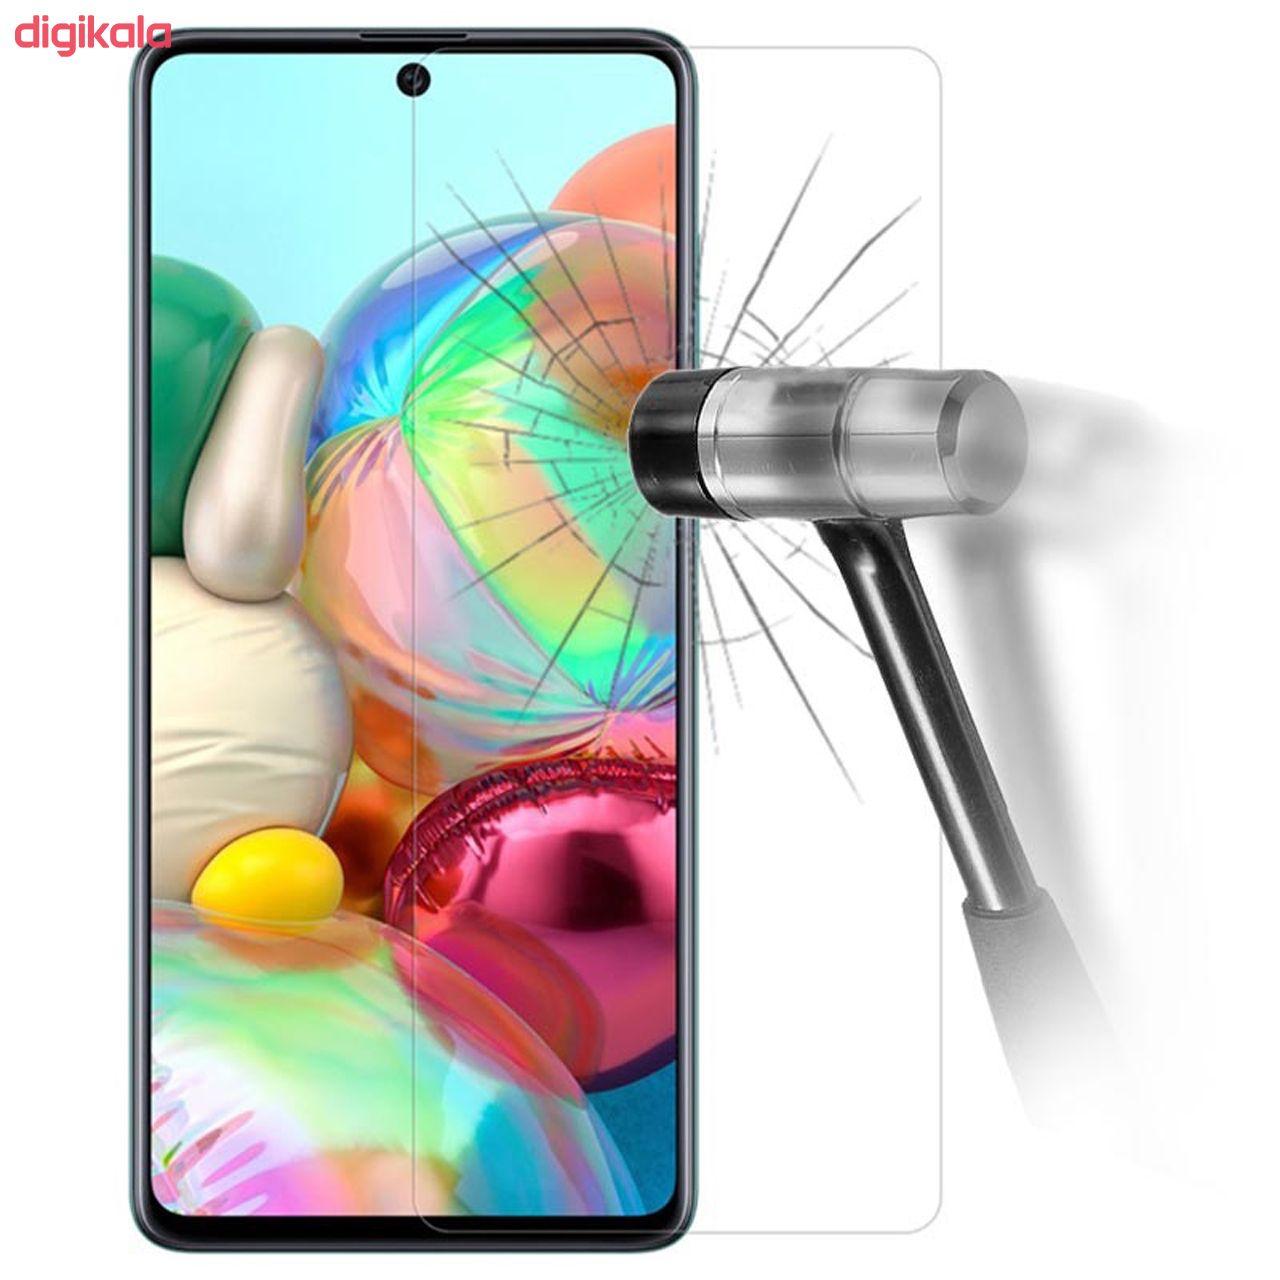 محافظ صفحه نمایش سیحان مدل CLT مناسب برای گوشی موبایل سامسونگ Galaxy A71 main 1 2